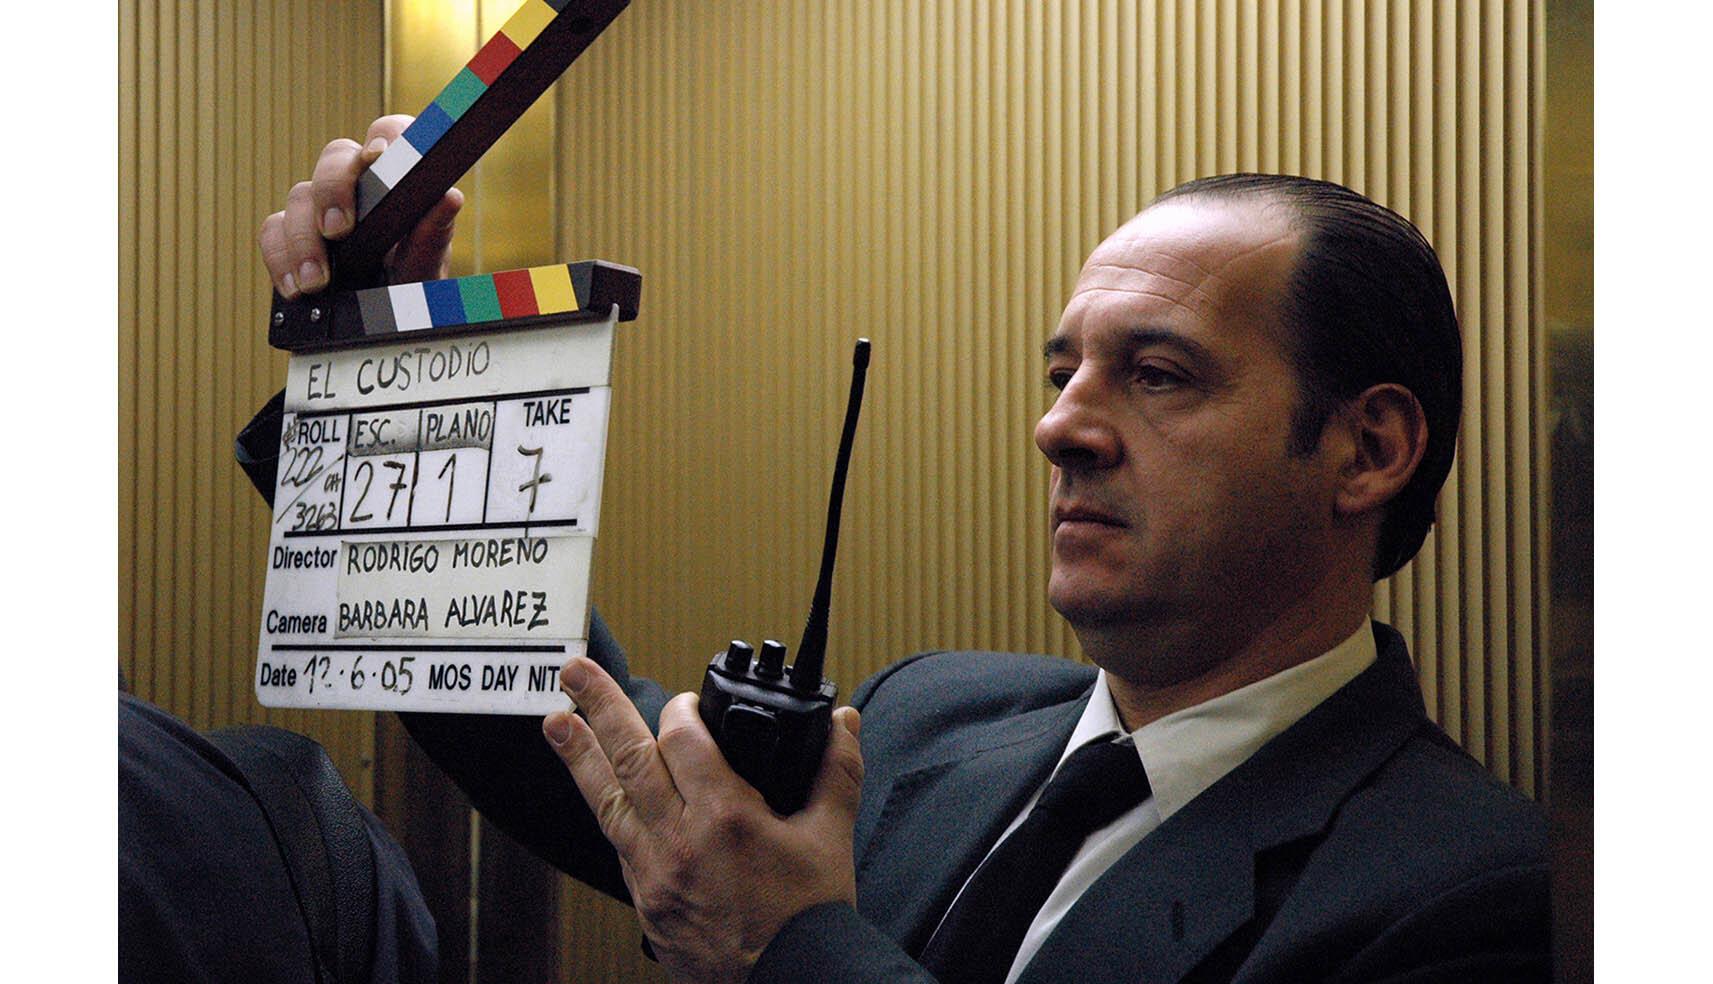 39 El custodio (Rodrigo Moreno).jpg